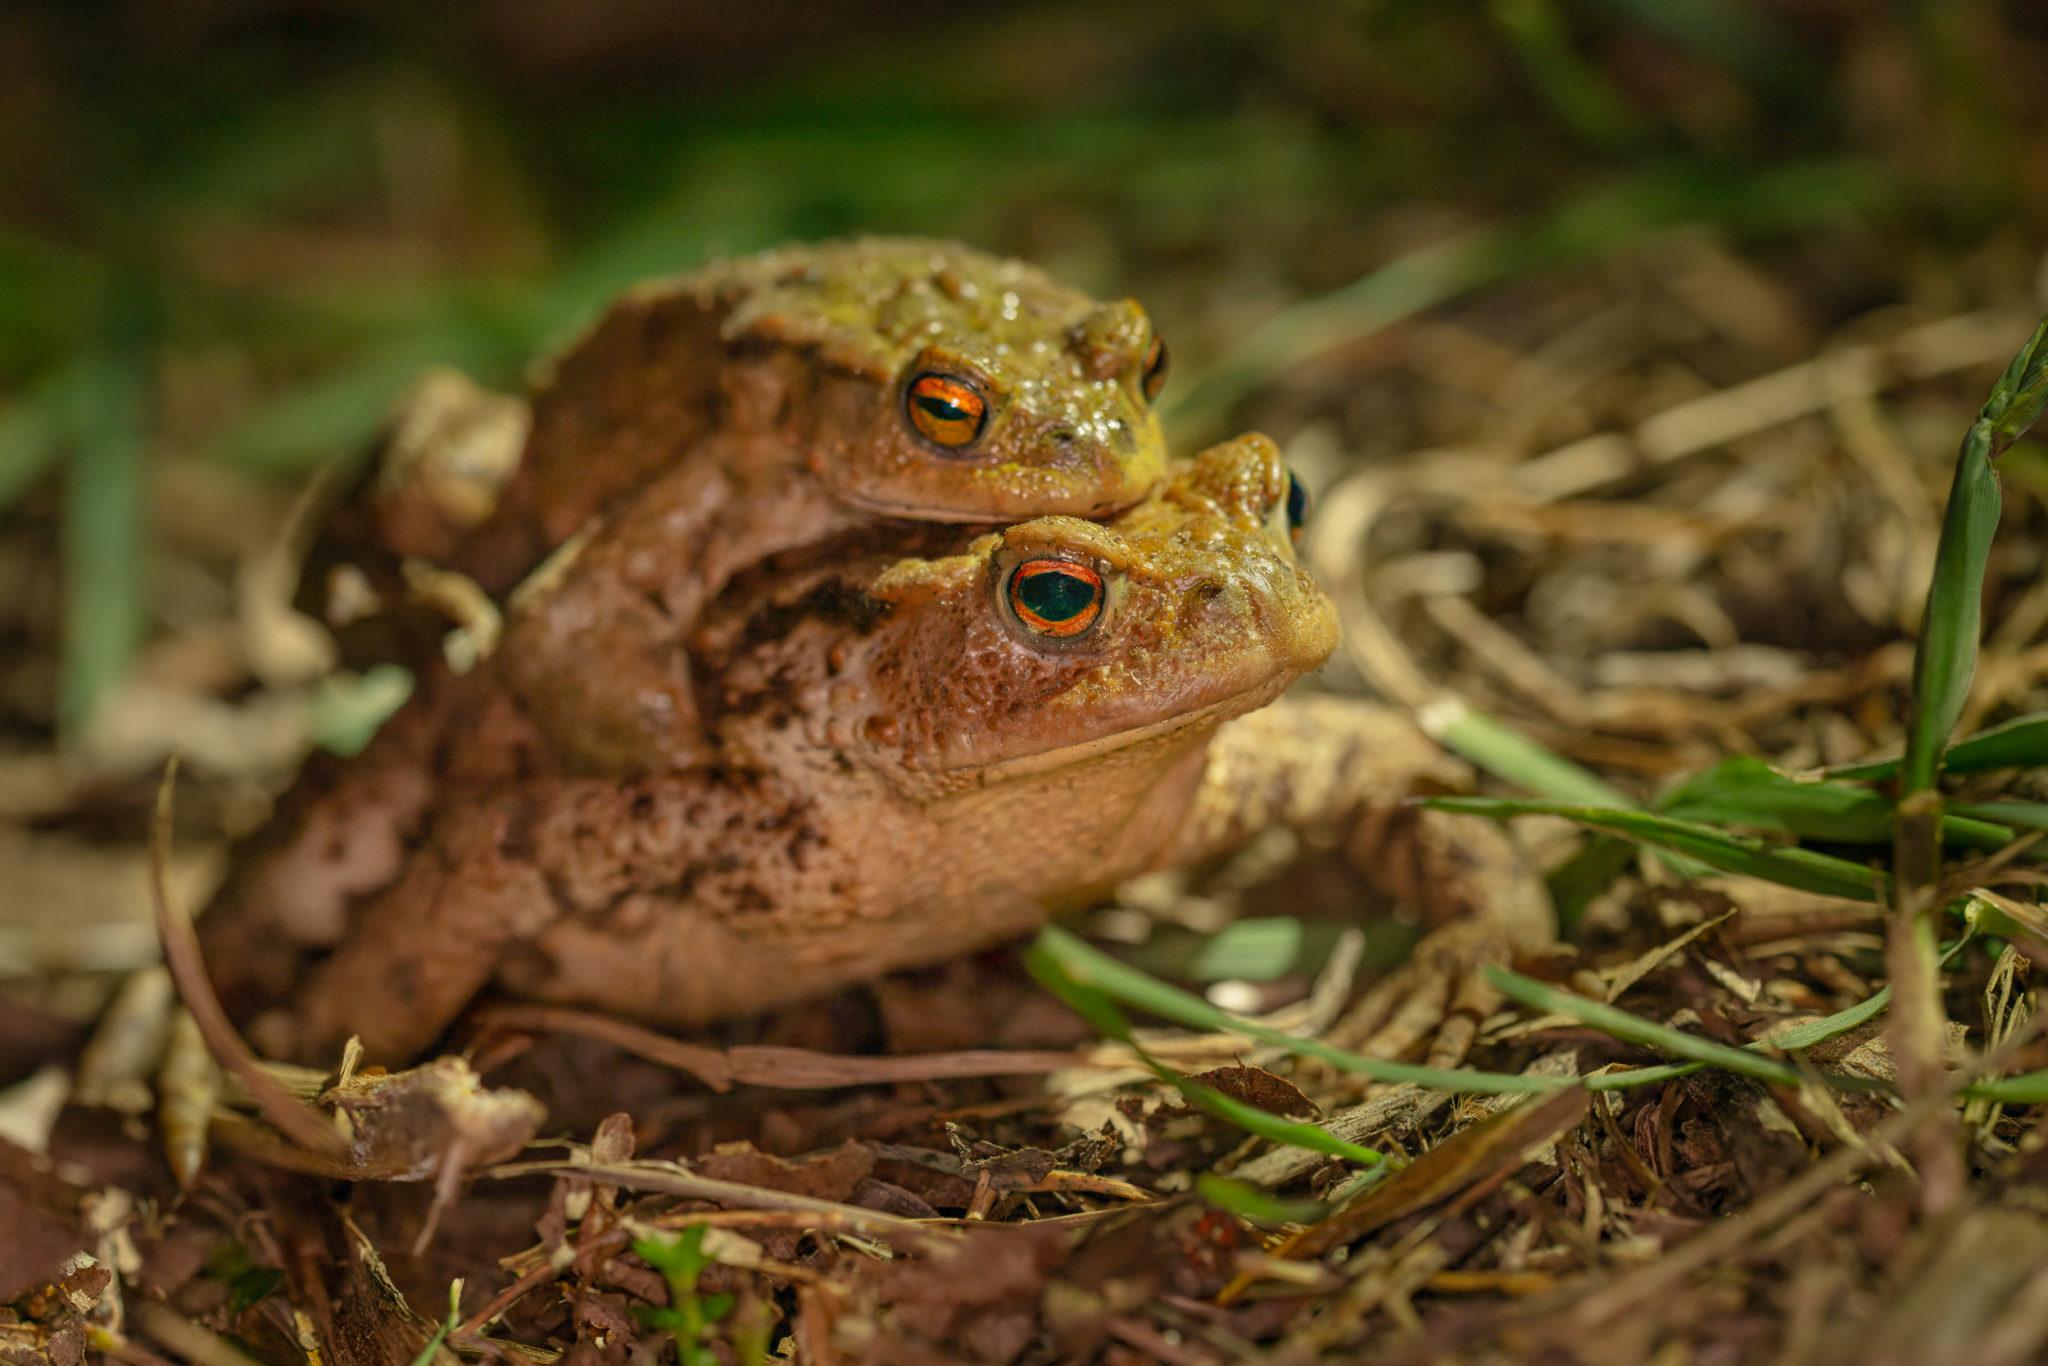 Erdkröten Weibchen mit Männchen auf dem Rücken (Bufo bufo), Naturfotografie Sylvia & Olaf Rentzsch